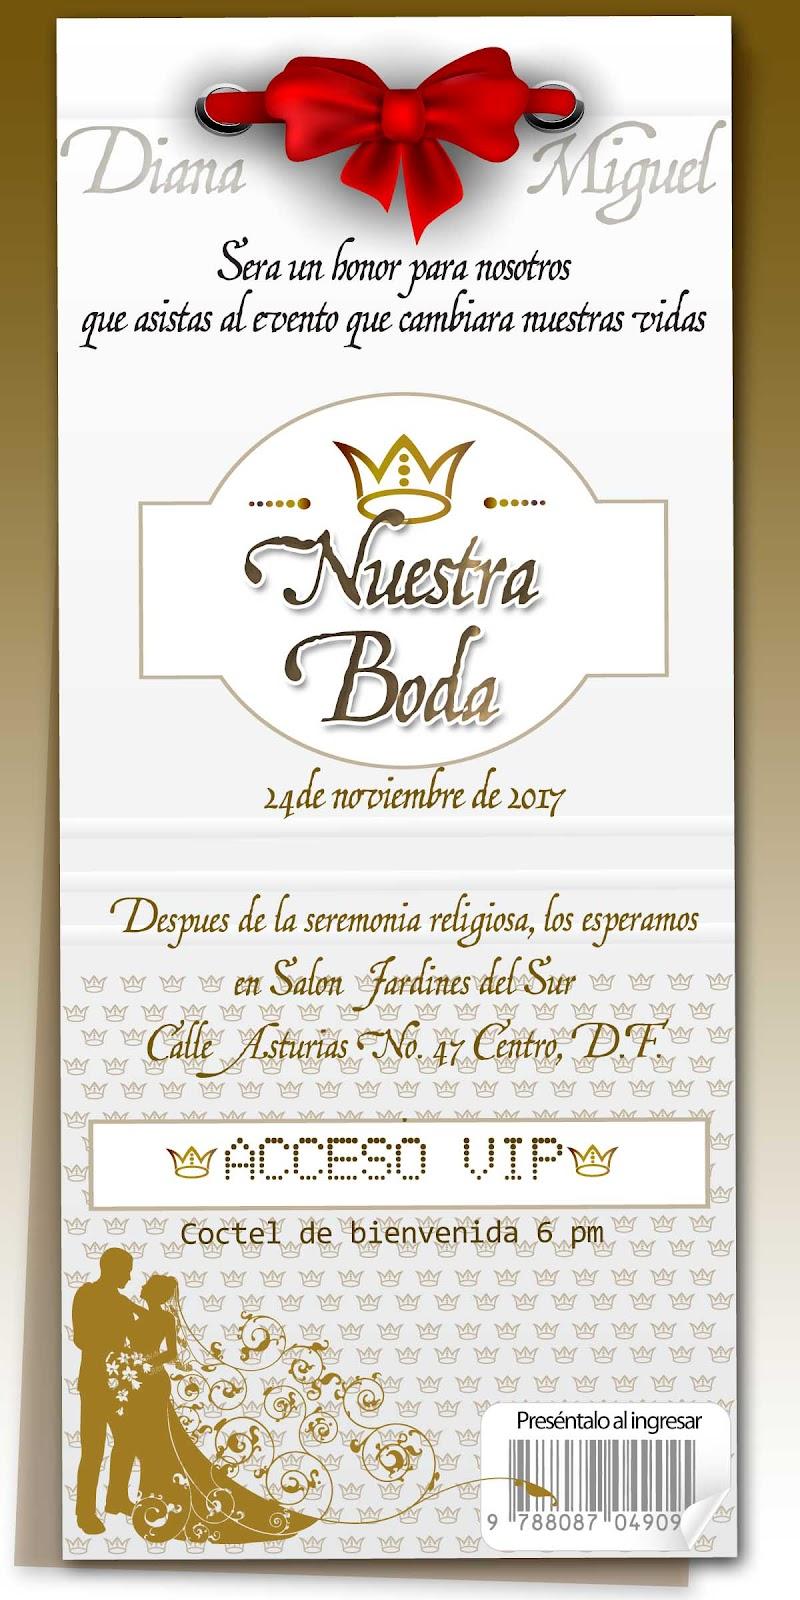 ..invitacion de boda vintage baratas invitaciones de boda vintage